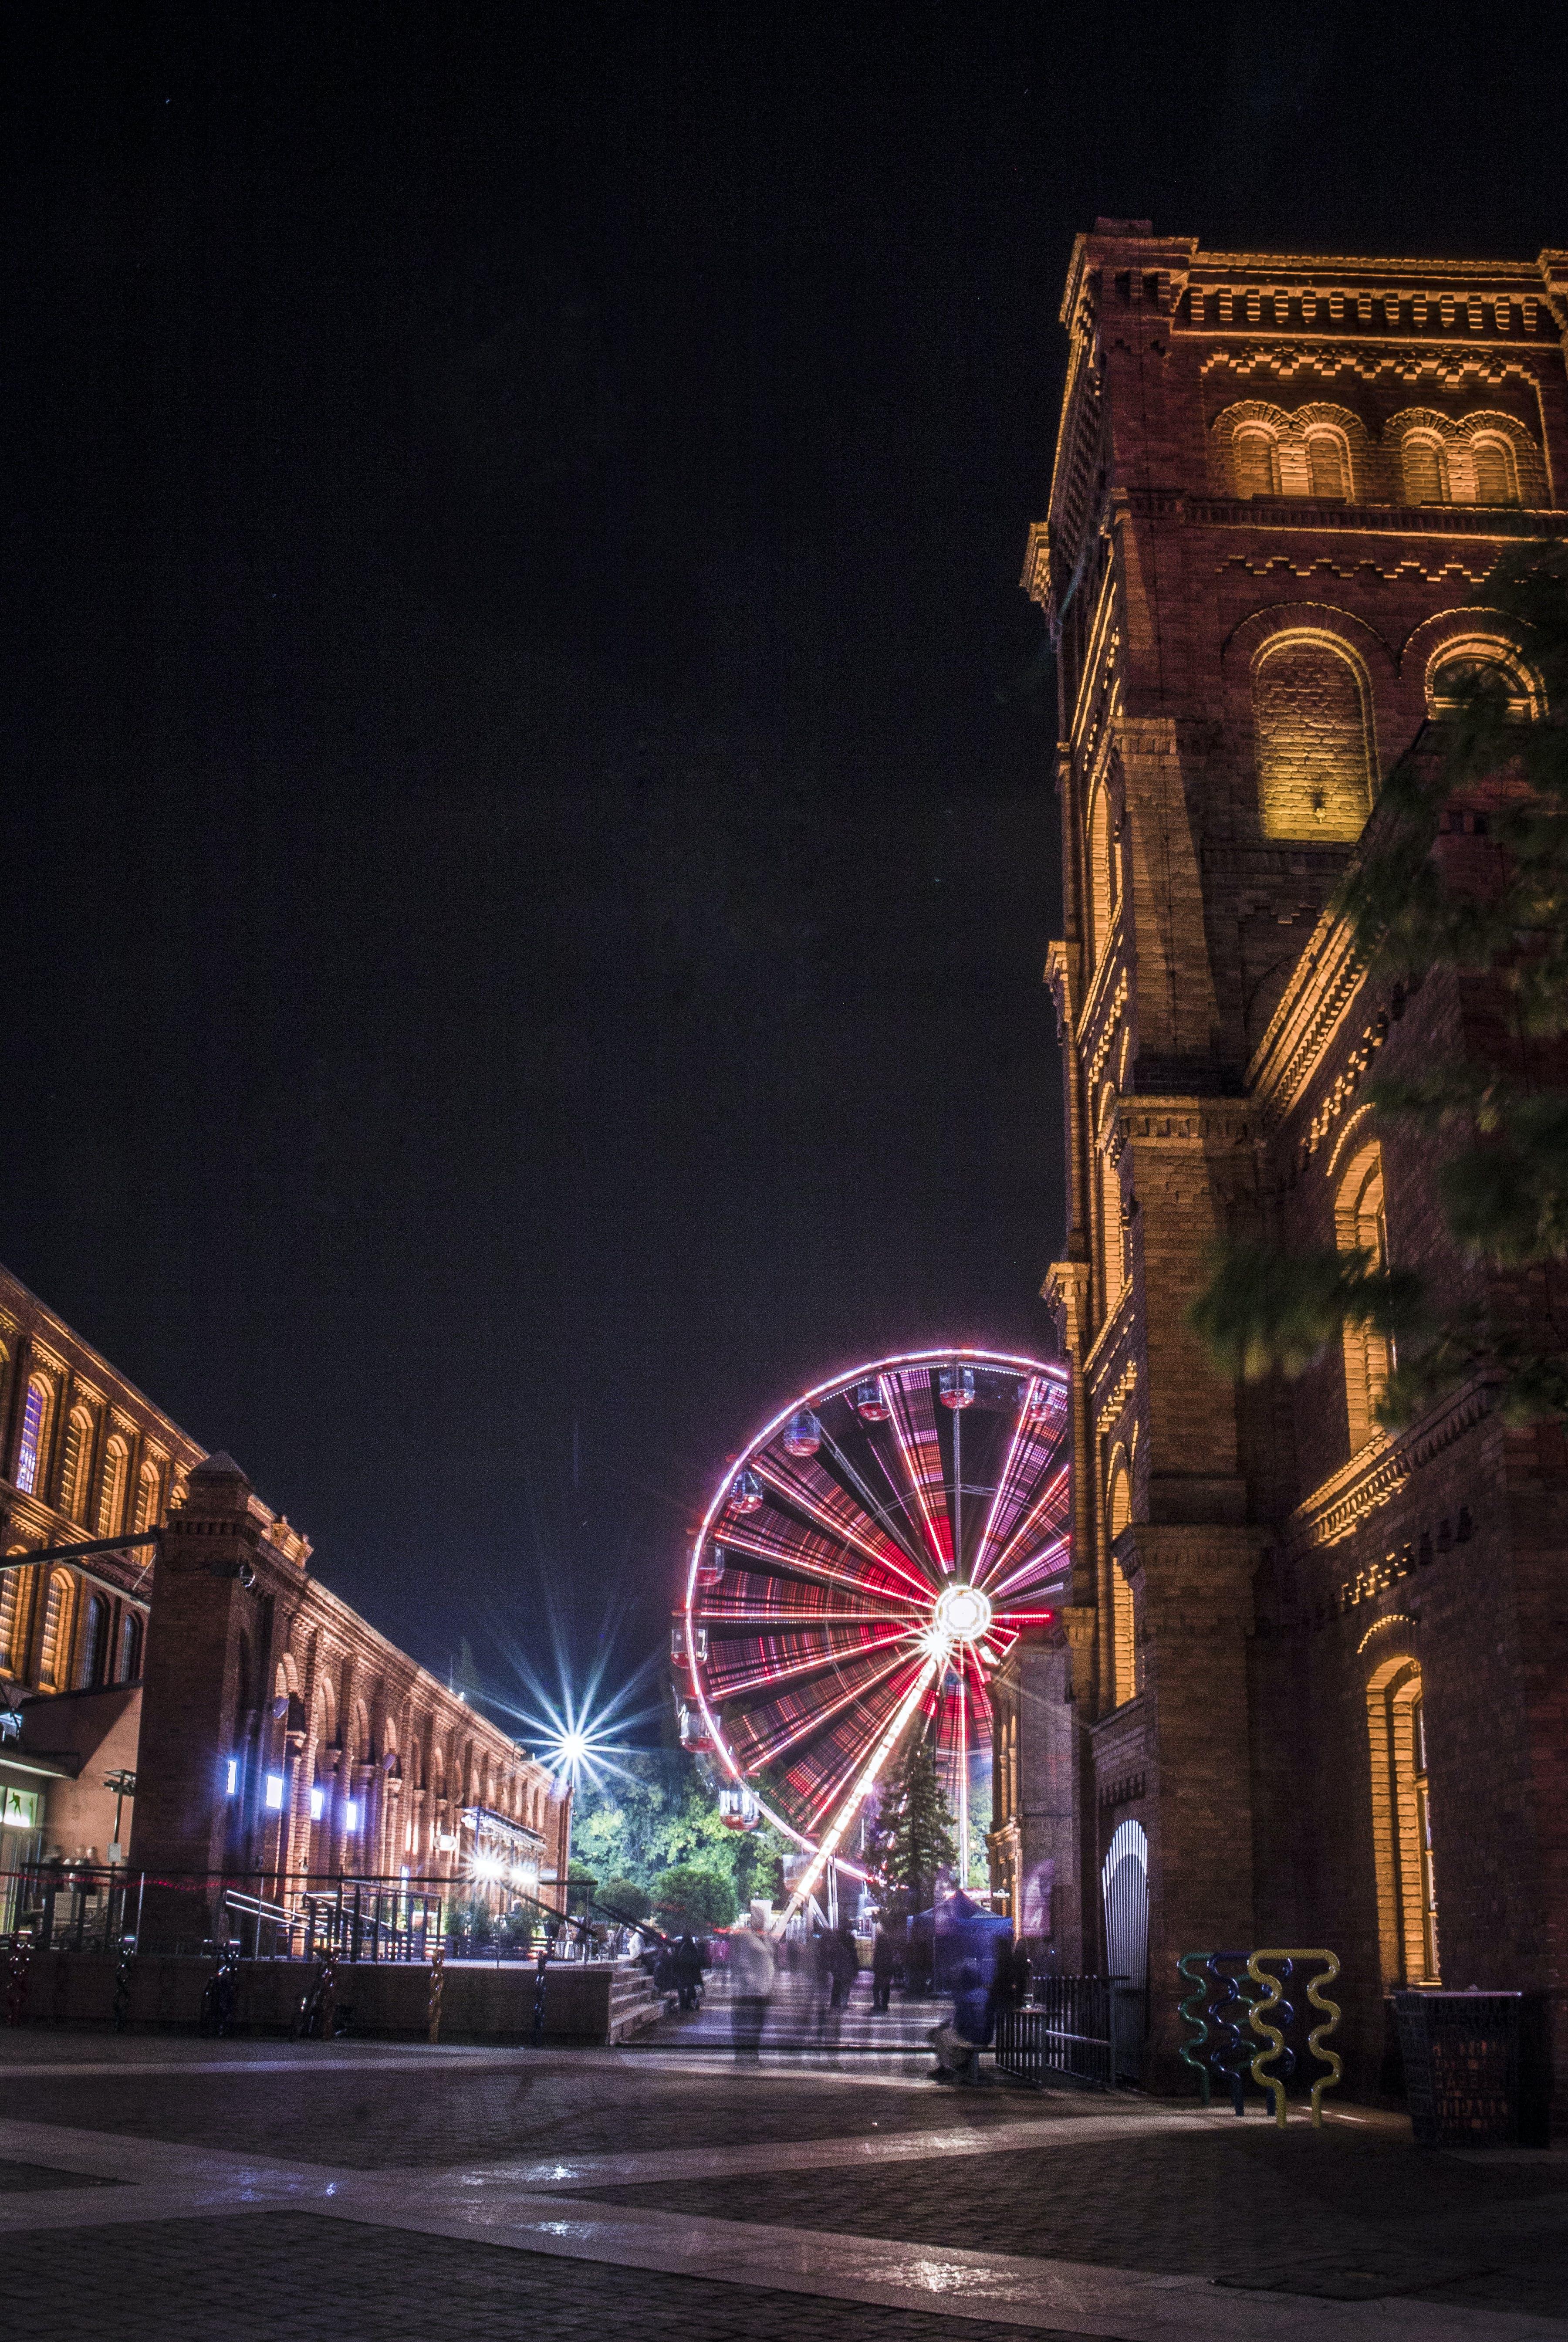 シティ, タウン, ライト, ランドマークの無料の写真素材